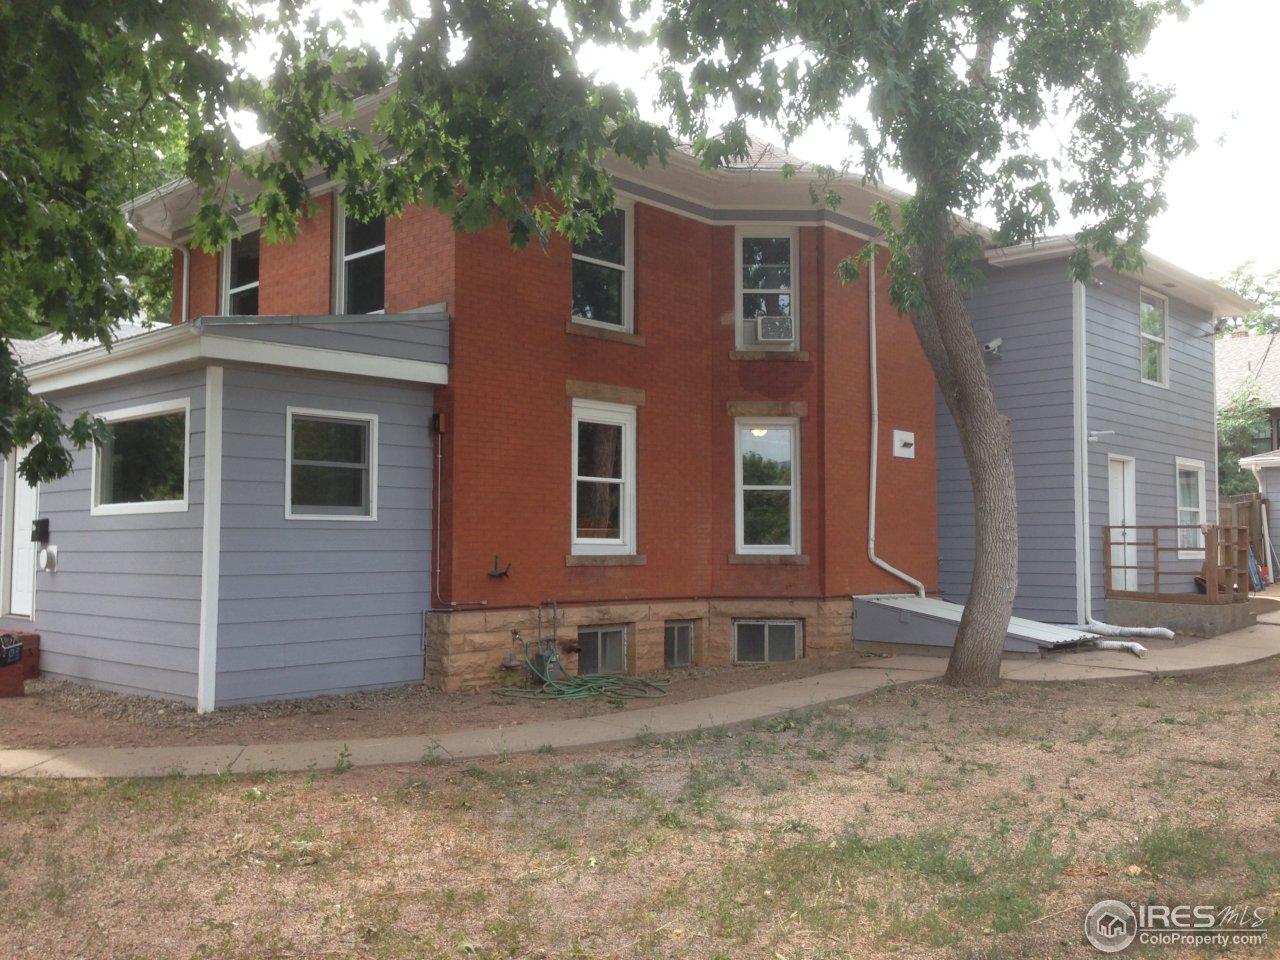 972 Pleasant St, Boulder CO 80302